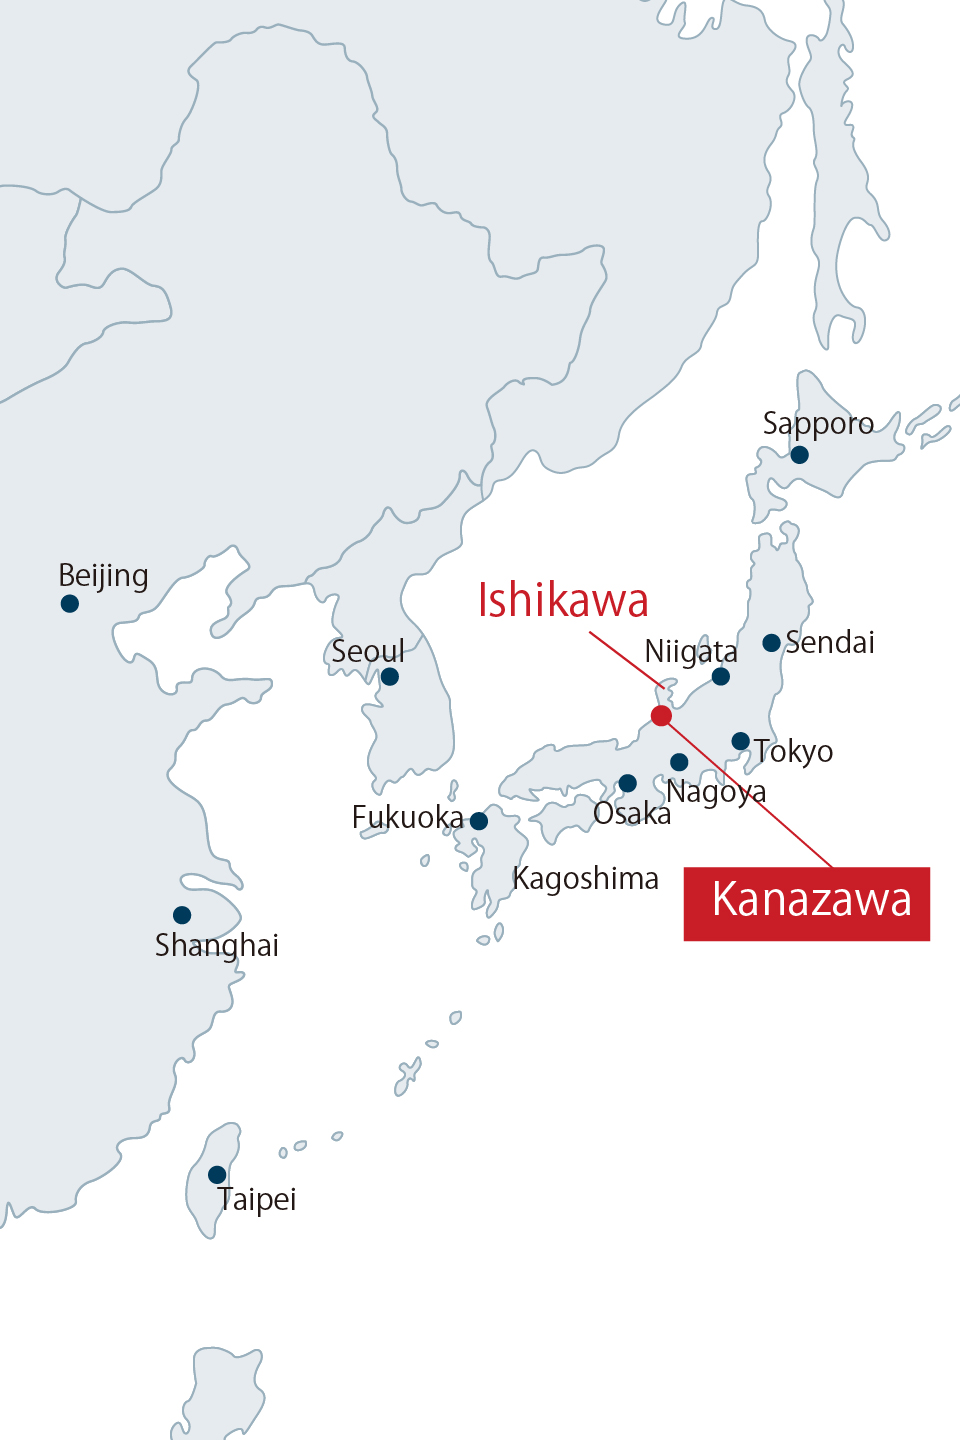 ACCESSKanazawa University The Top Global University Project - Japan map kanazawa